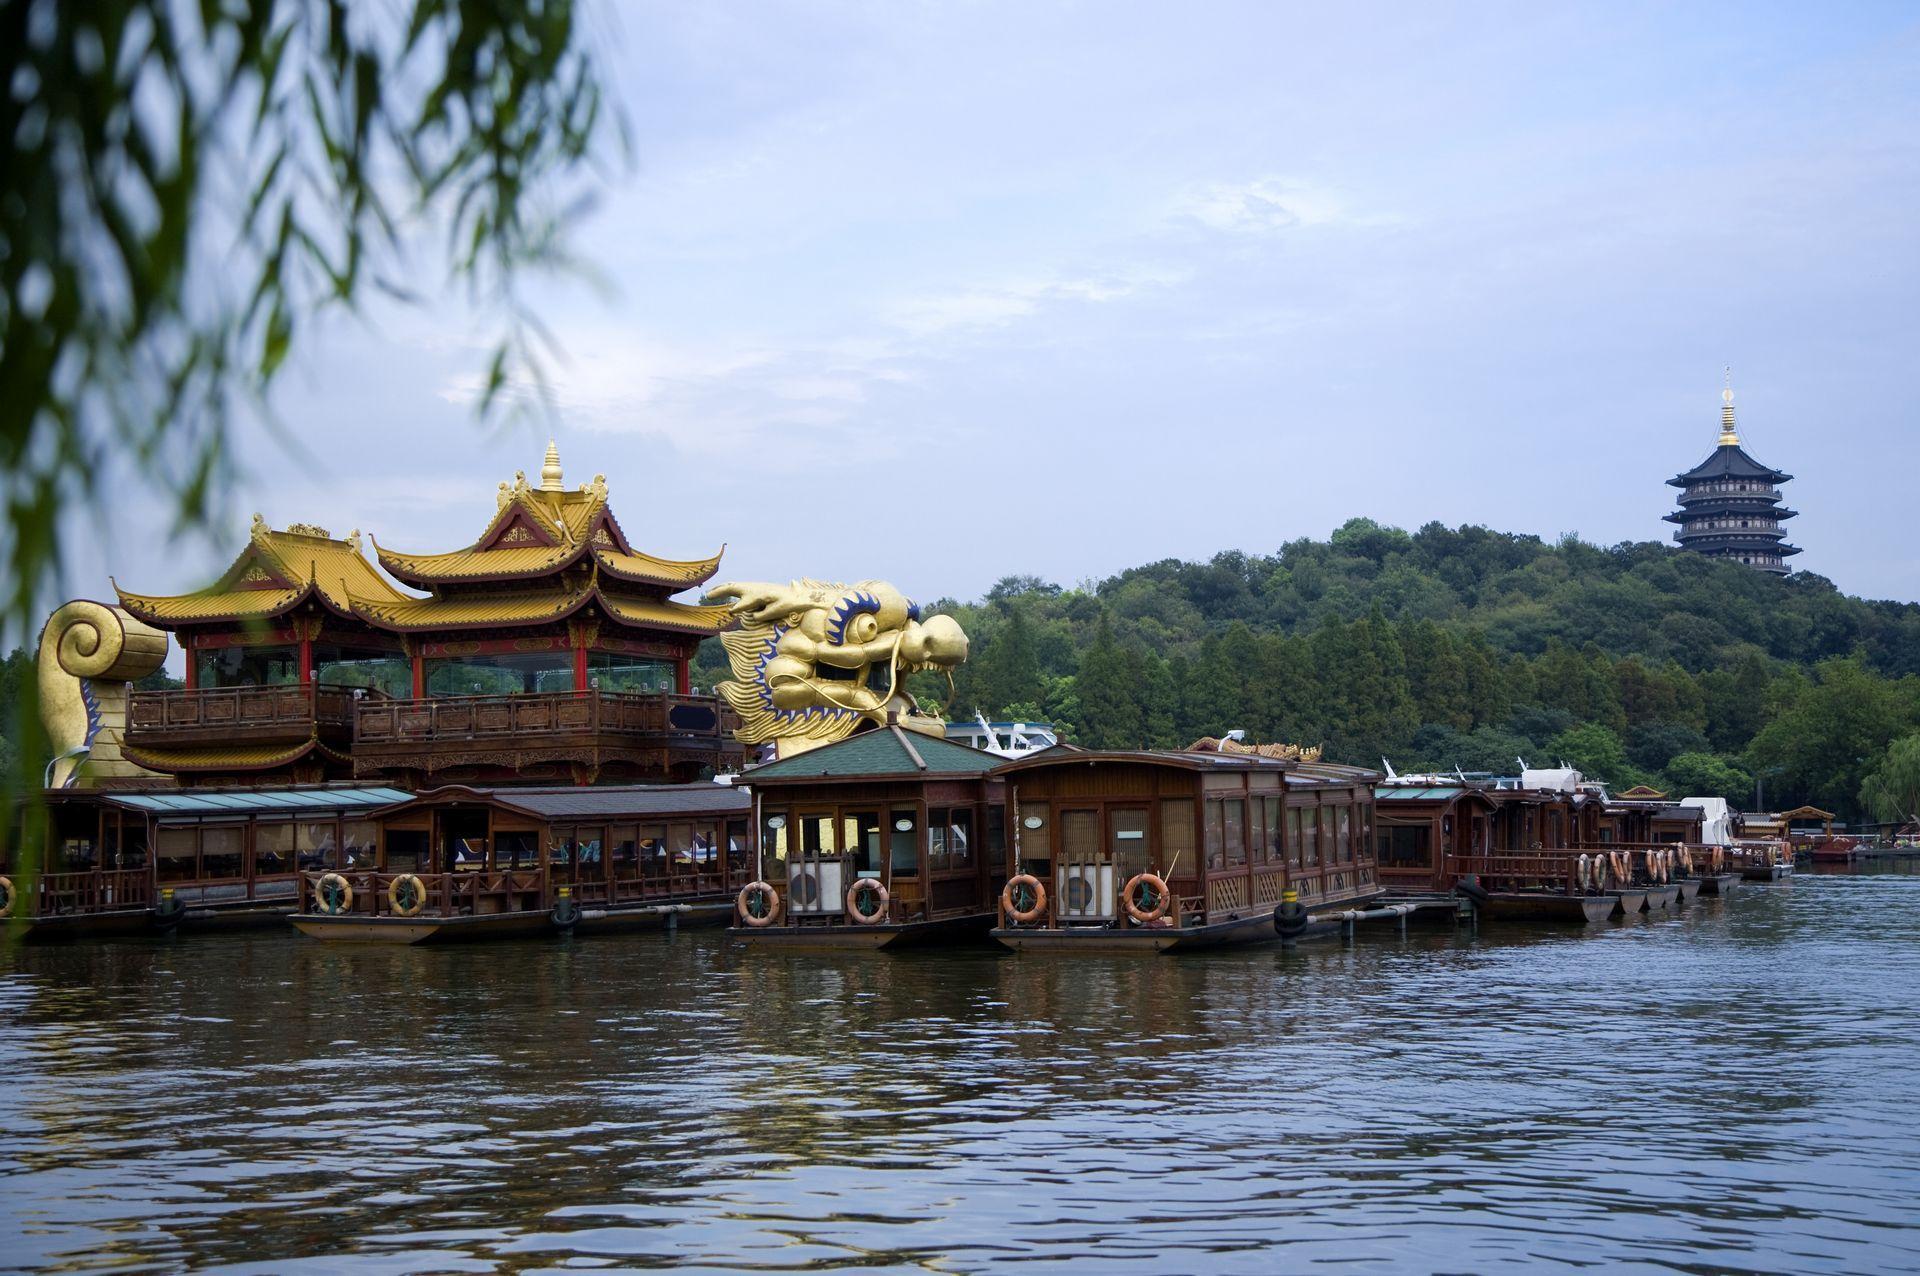 首页 ppt背景 风景ppt背景图片 > 杭州ppt背景图片      下载地址